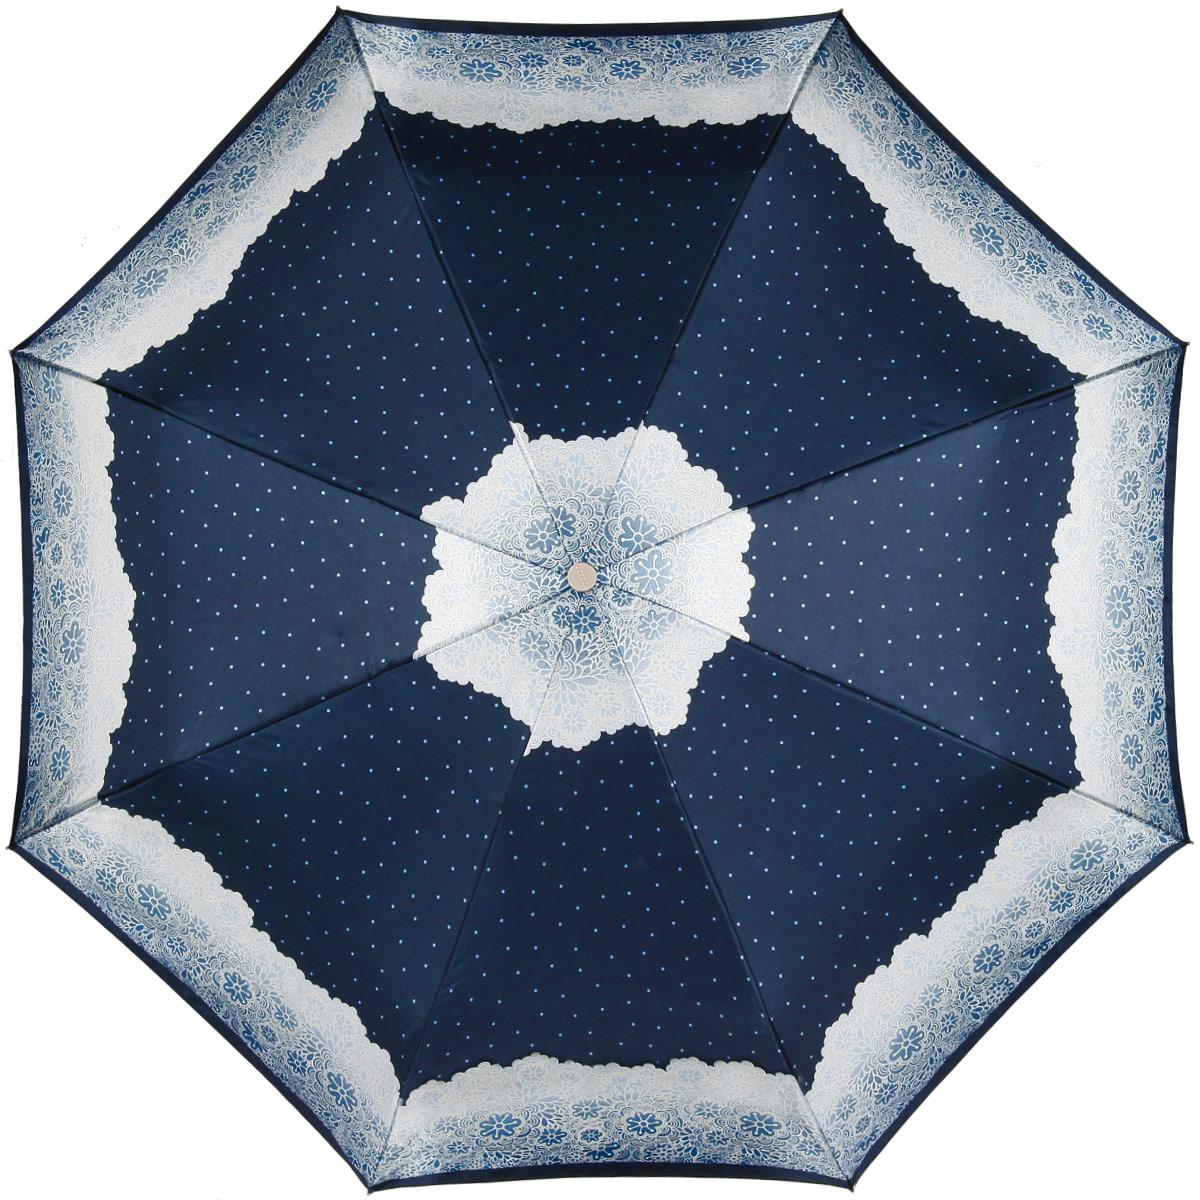 Зонт женский Doppler Apart, автомат, 3 сложения, цвет: темно-синий, светло-серый. 74660FGAP74660FGAP_blueЖенский автоматический зонт Doppler Apart в три сложения изготовлен из искусственного шелка, карбона и пластика. Изделие оформлено ярким принтом с изображением узоров. Зонт имеет полностью автоматический механизм сложения: купол открывается и закрывается нажатием кнопки на рукоятке, стержень складывается вручную до характерного щелчка, благодаря чему открыть и закрыть зонт можно одной рукой, что чрезвычайно удобно при входе в транспорт или помещение. Каркас зонта снабжен системой Двойной антиветер и состоит из восьми надежных спиц. Купол изделия выполнен из прочного искусственного шелка. Рукоятка, разработанная с учетом требований эргономики, выполнена из приятного на ощупь пластика. На рукоятке для удобства есть небольшой шнурок, позволяющий надеть зонт на руку тогда, когда это будет необходимо. К зонту прилагается чехол, который оформлен символикой бренда. Такой зонт не только надежно защитит вас от дождя, но и станет стильным аксессуаром, который идеально подчеркнет...